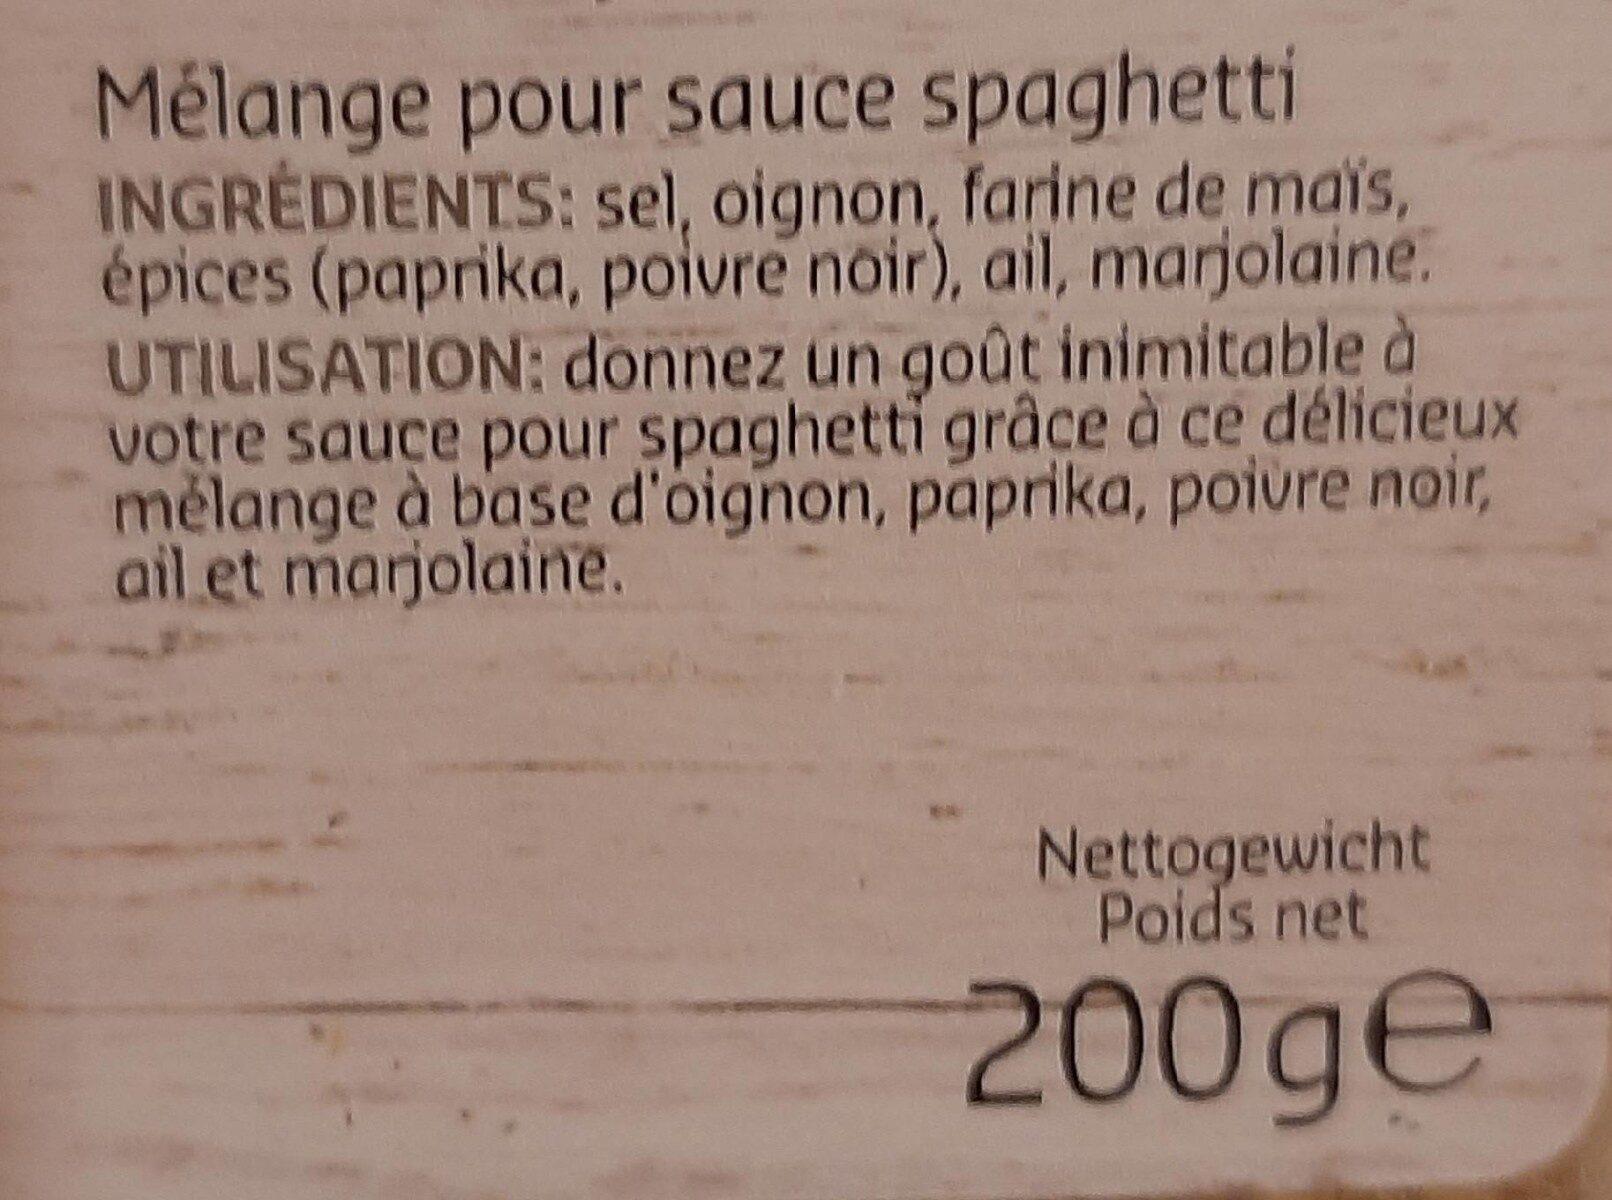 MIXES épices pour sauce spaghetti - Voedingswaarden